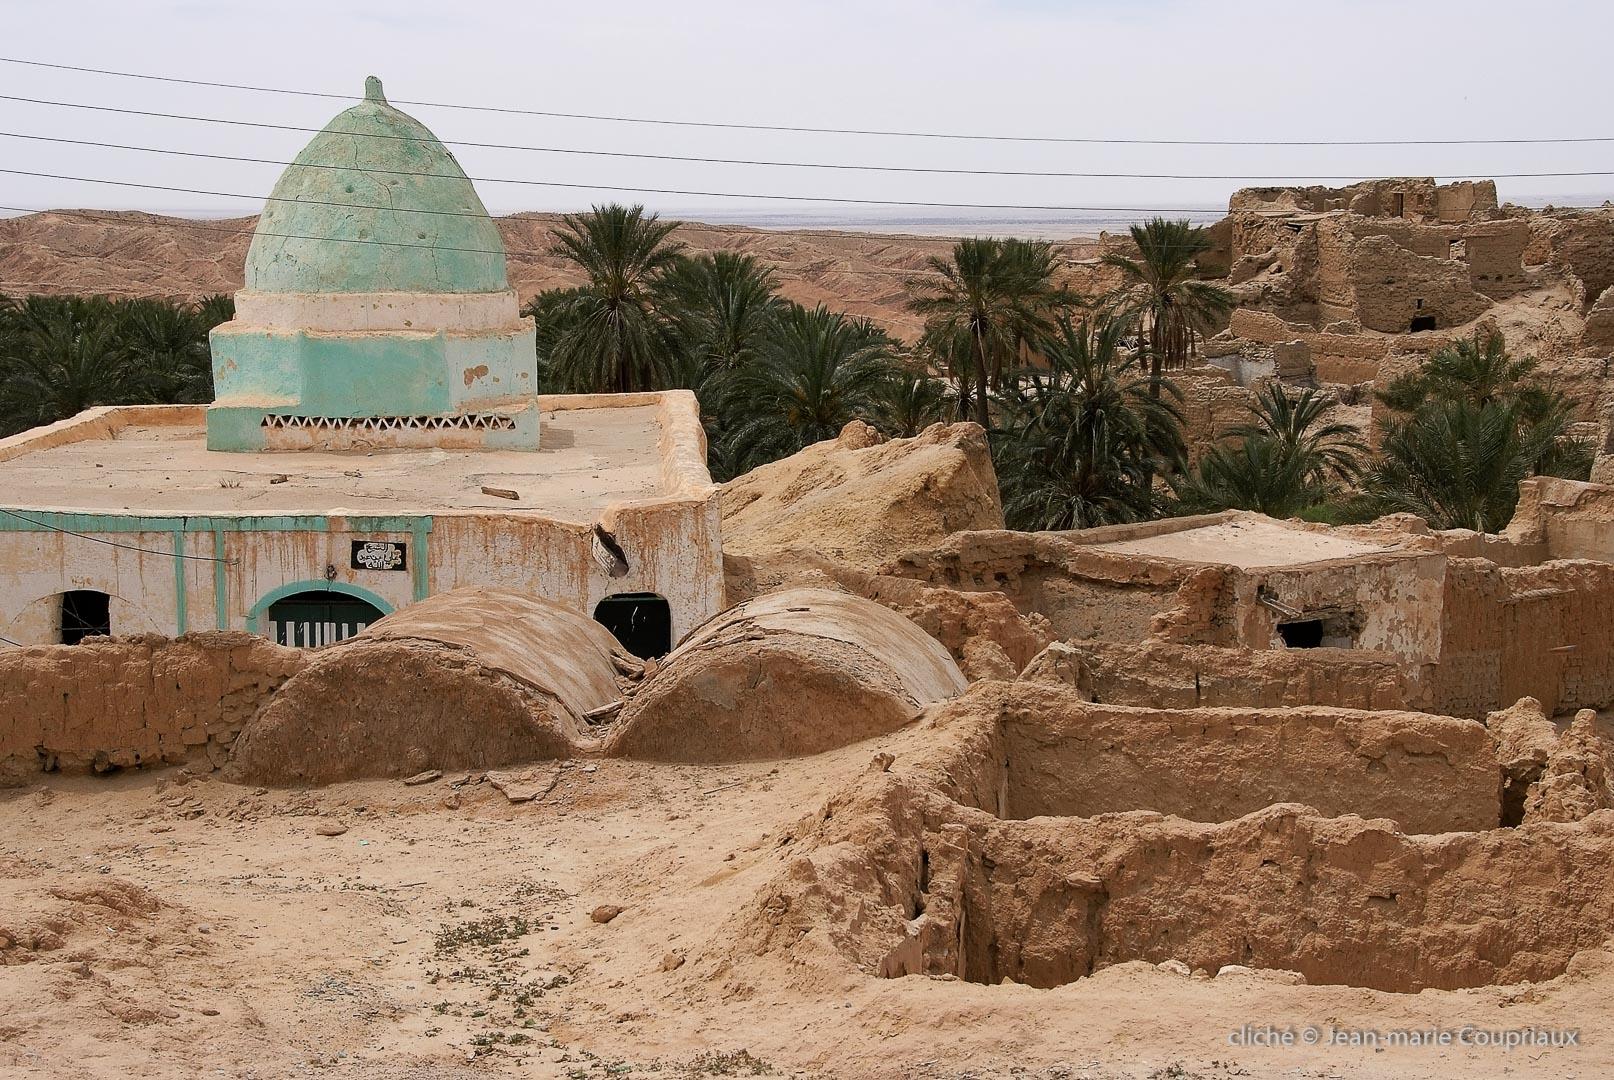 802-2011_Algerie-741